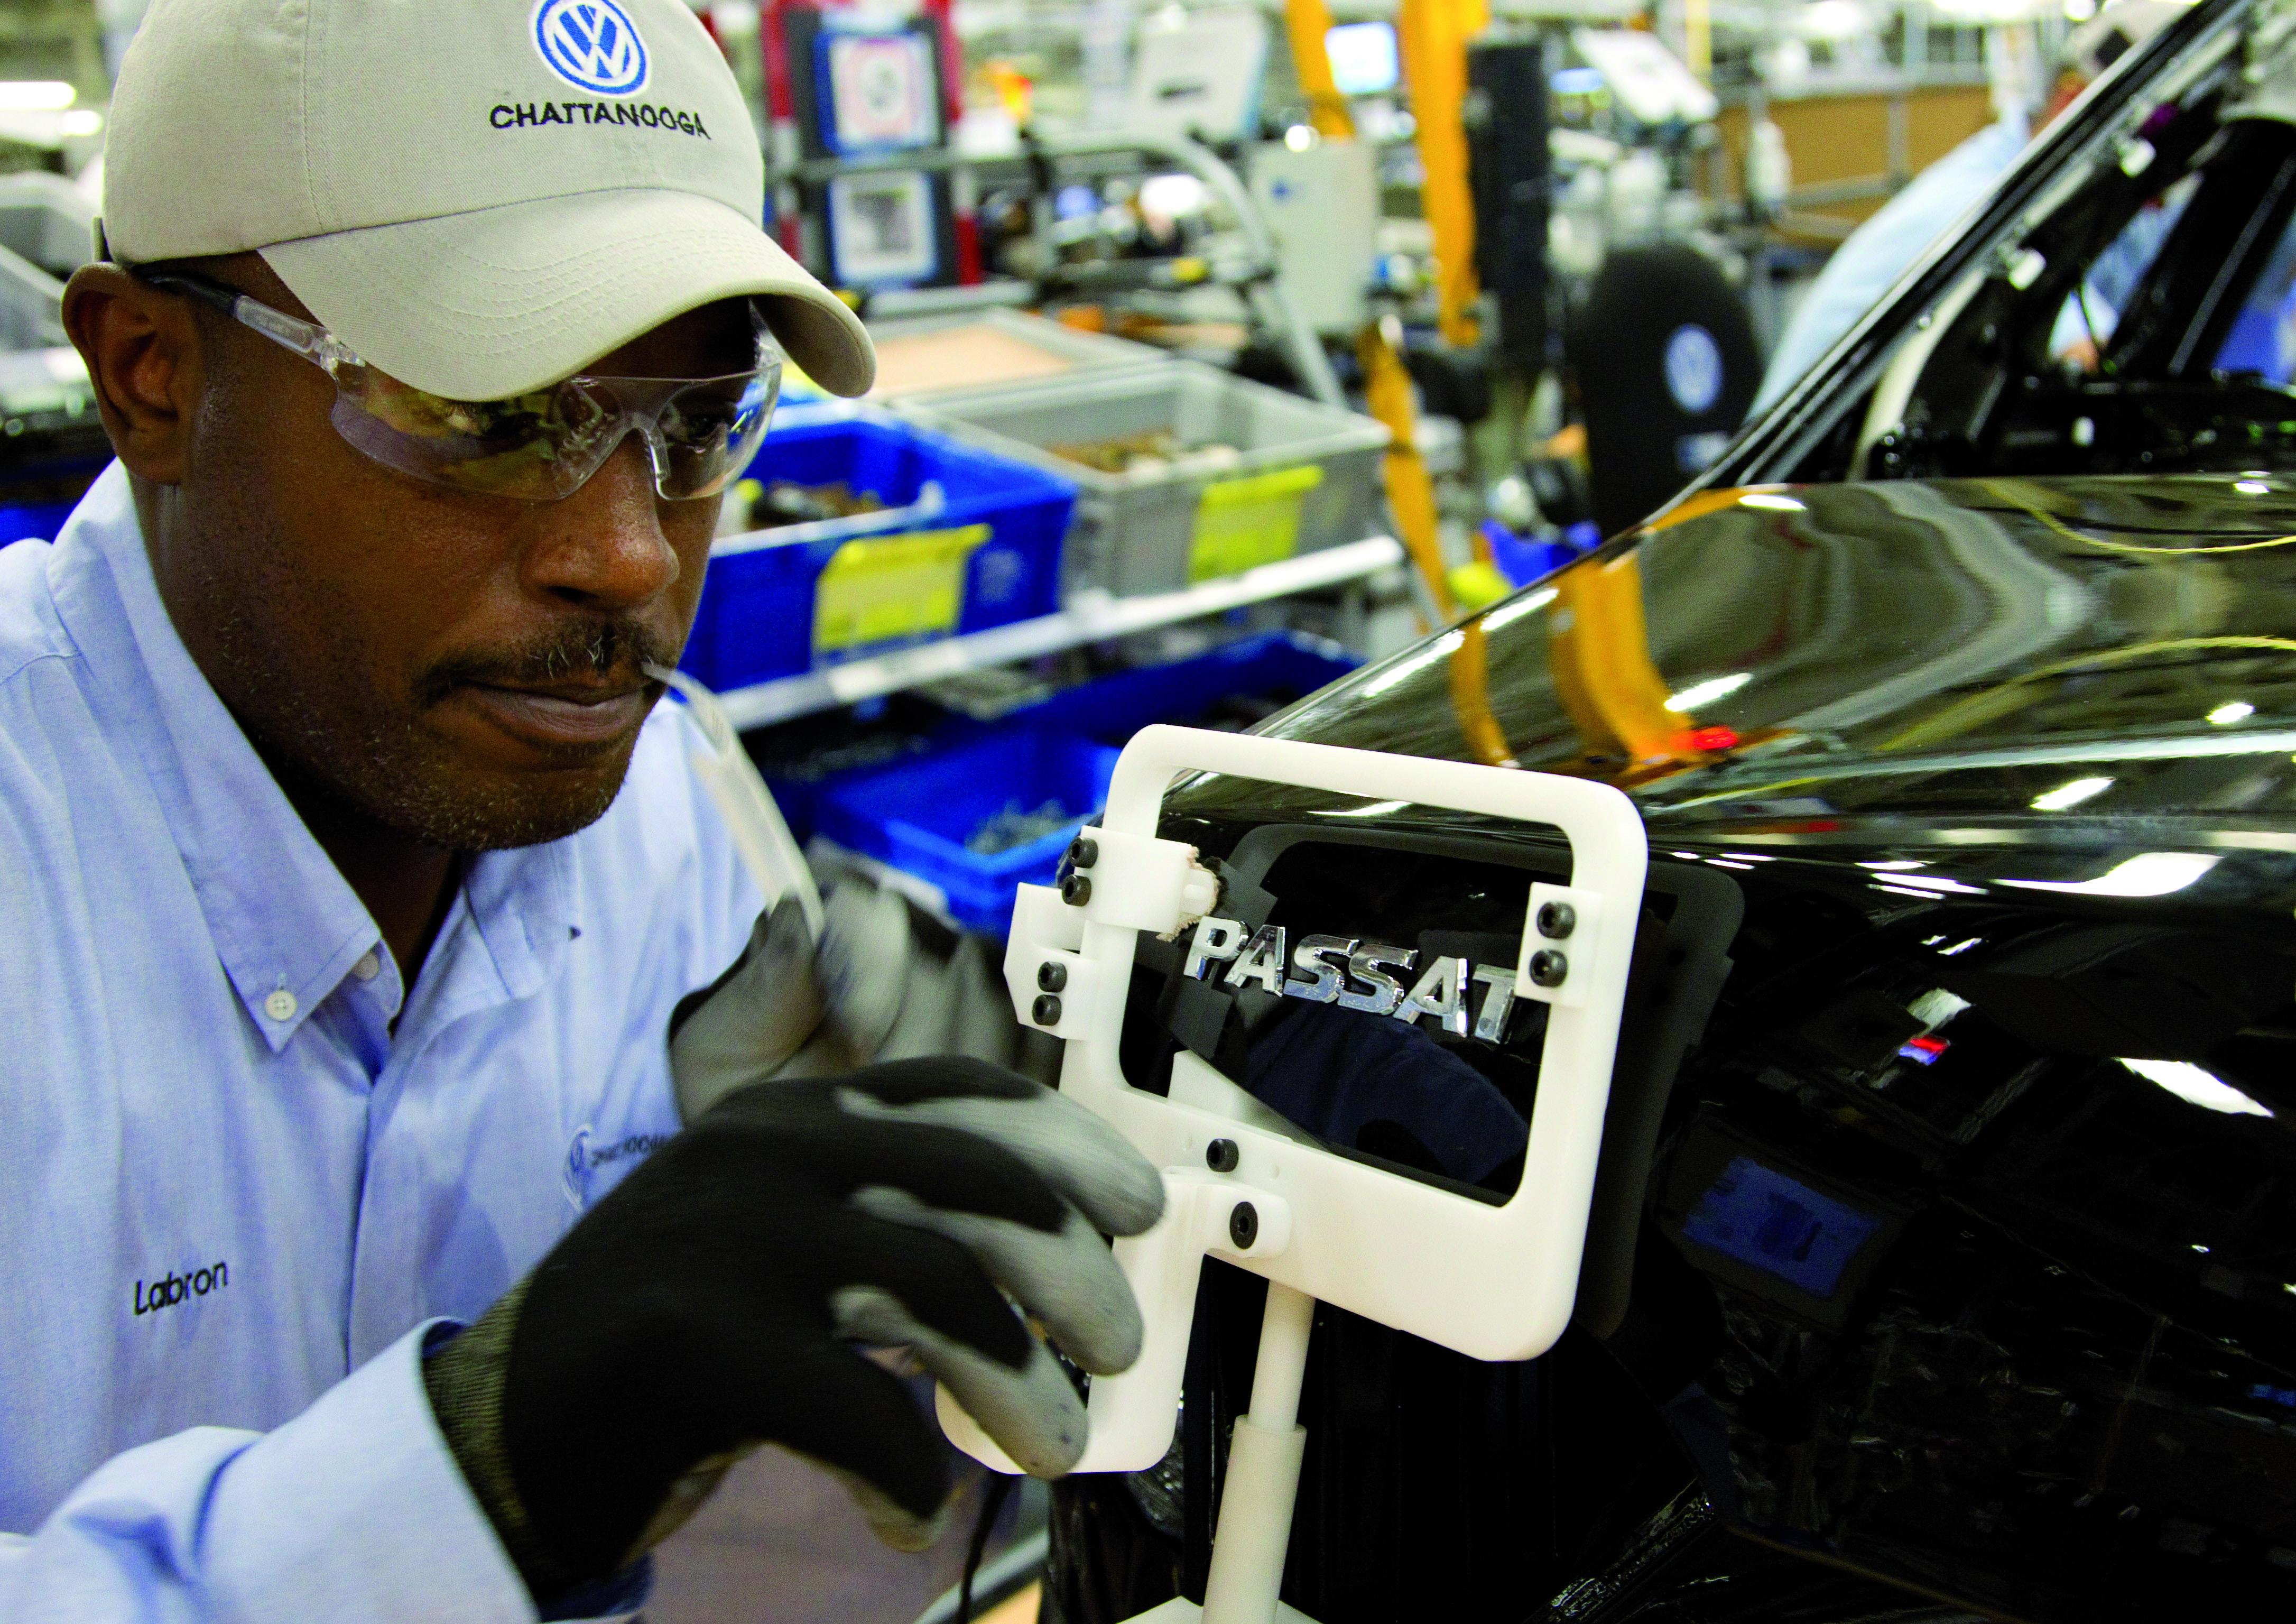 Passat-Produktion im US-Werk Chattanooga: VW glaubte, die Ermittlungen der amerikanischen Umweltbehörde EPA mit Zahlungen von bis zu 100 Millionen Dollar aus der Welt schaffen zu können.